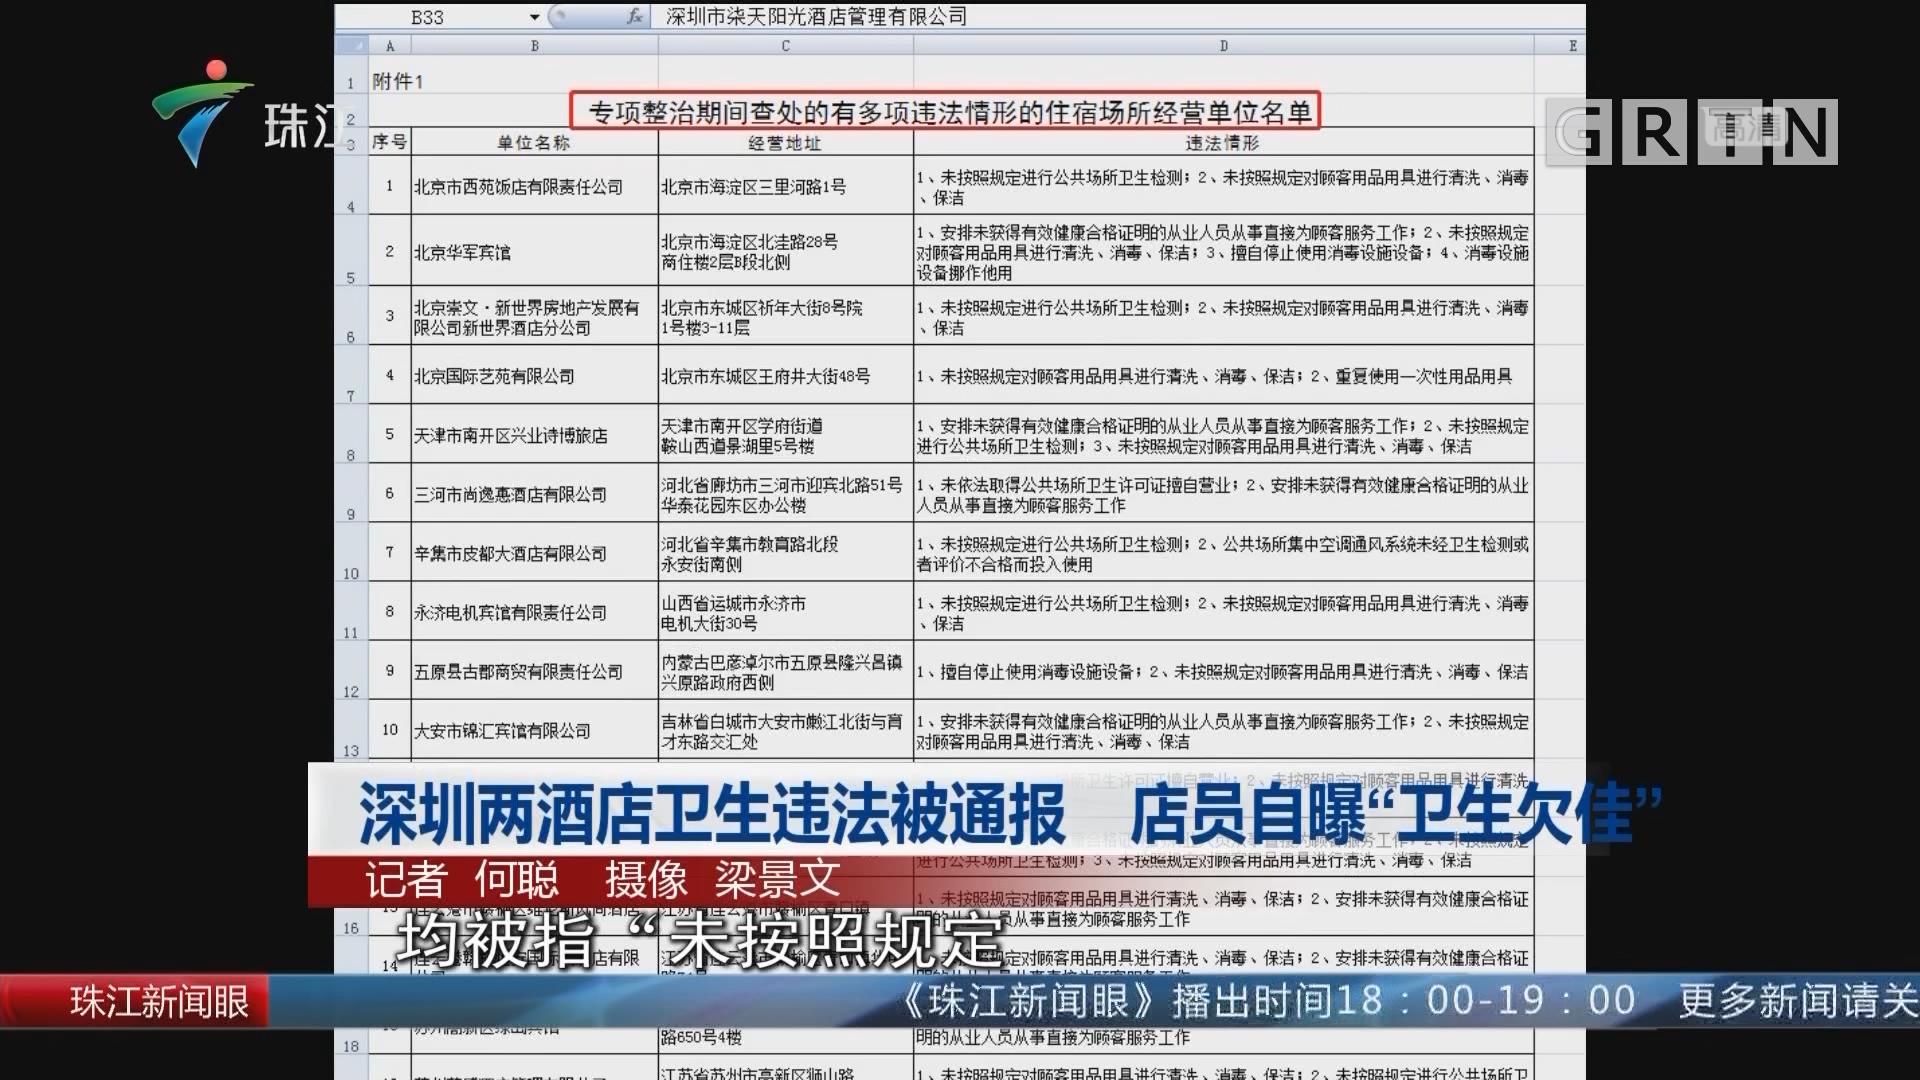 """深圳两酒店卫生违法被通报 店员自曝""""卫生欠佳"""""""